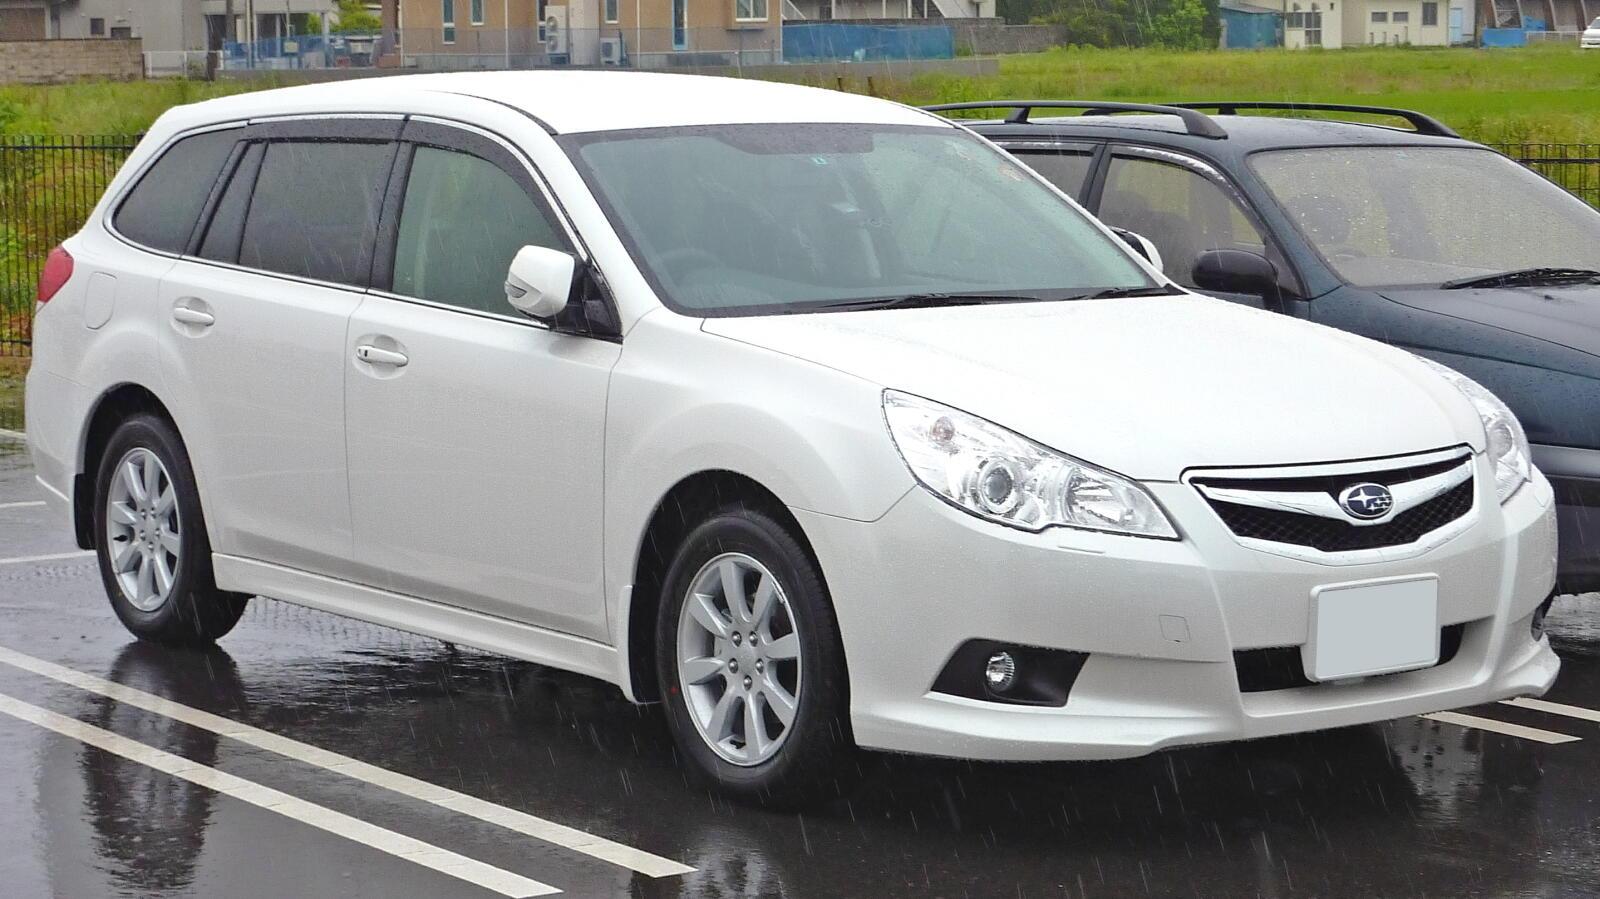 2010 Subaru Legacy Hatchback 2010 Subaru Legacy 2.5i-l